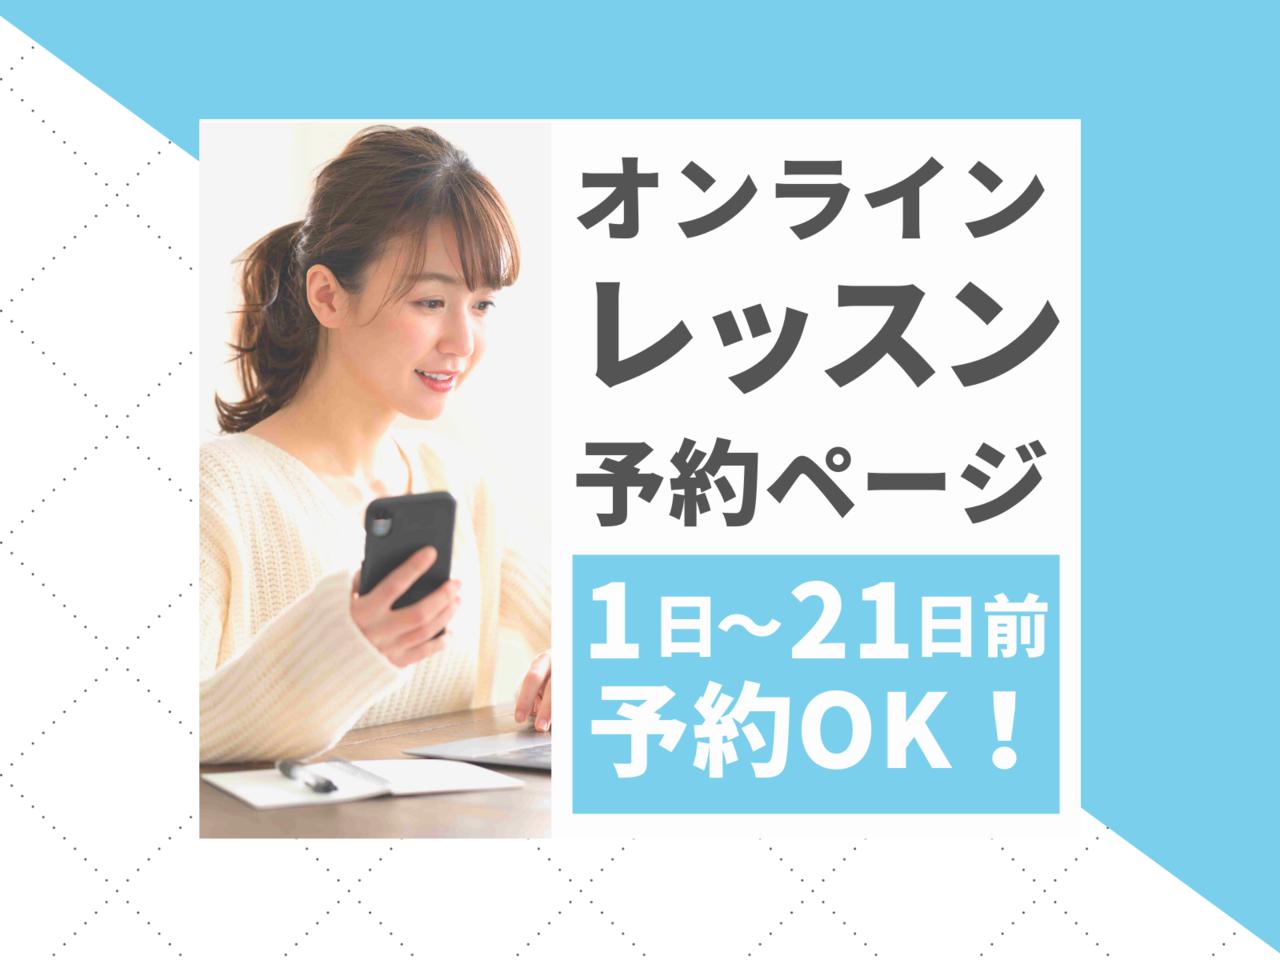 オンライン予約ページ